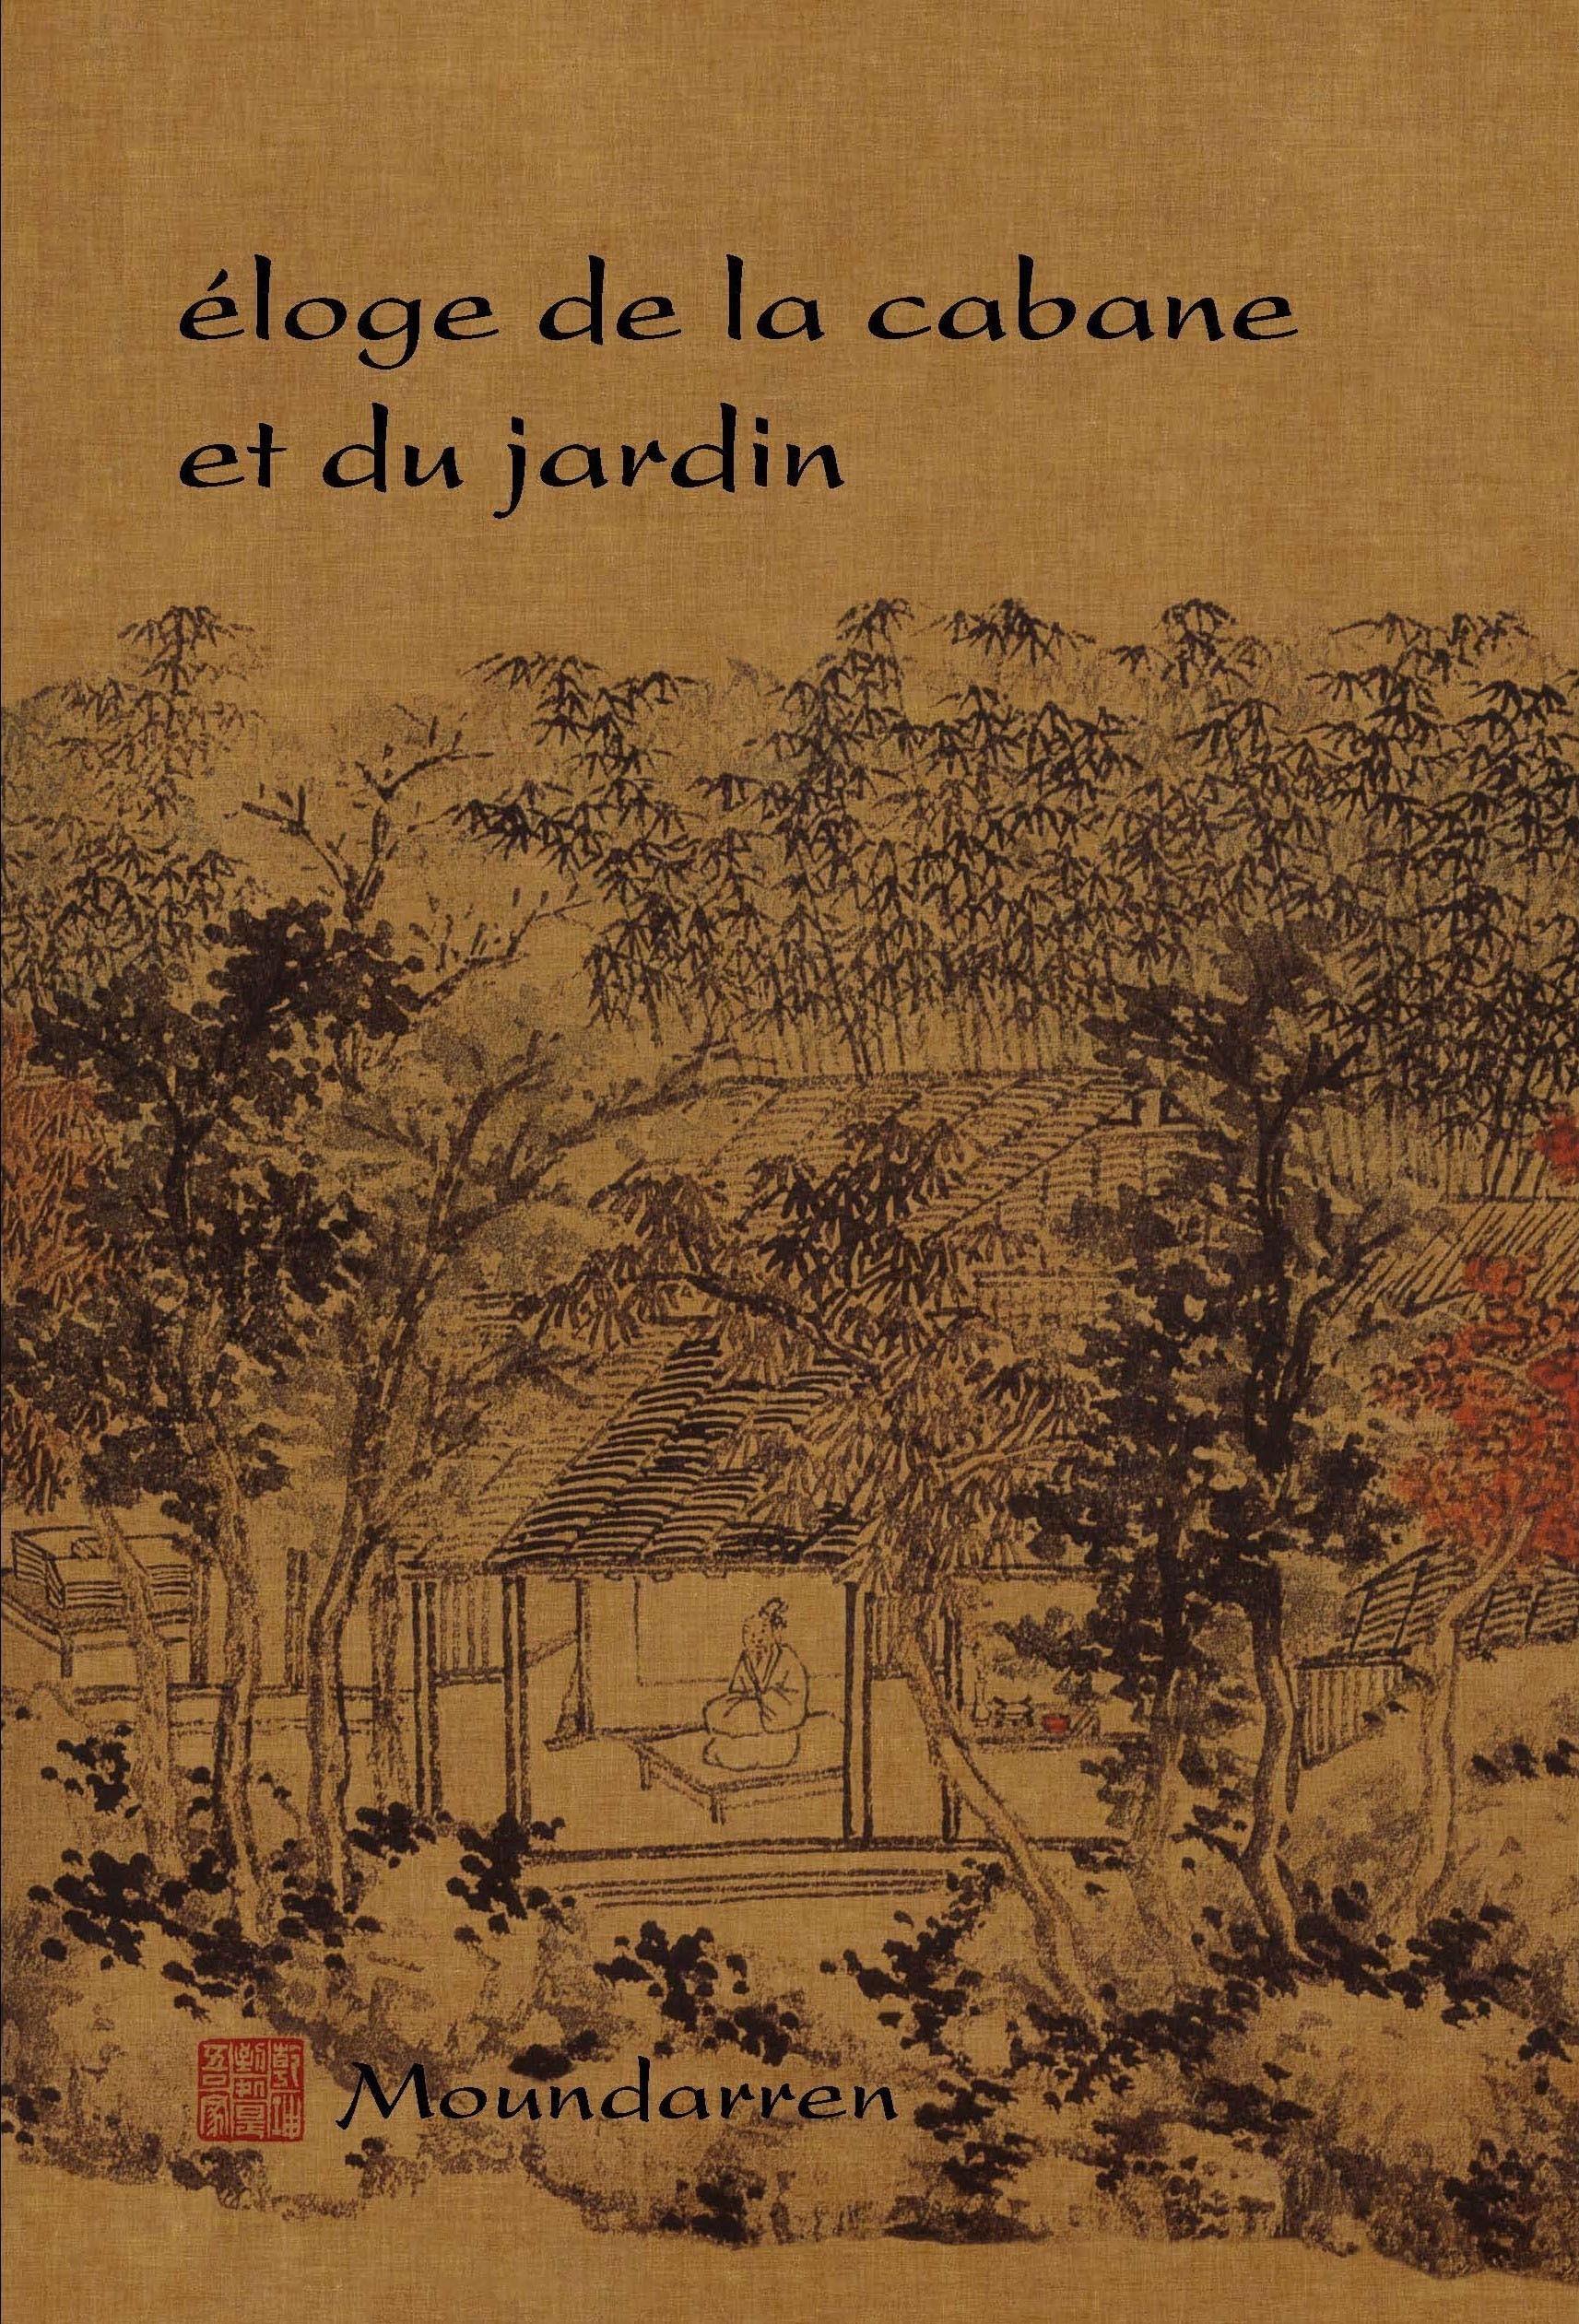 ELOGE DE LA CABANE ET DU JARDIN